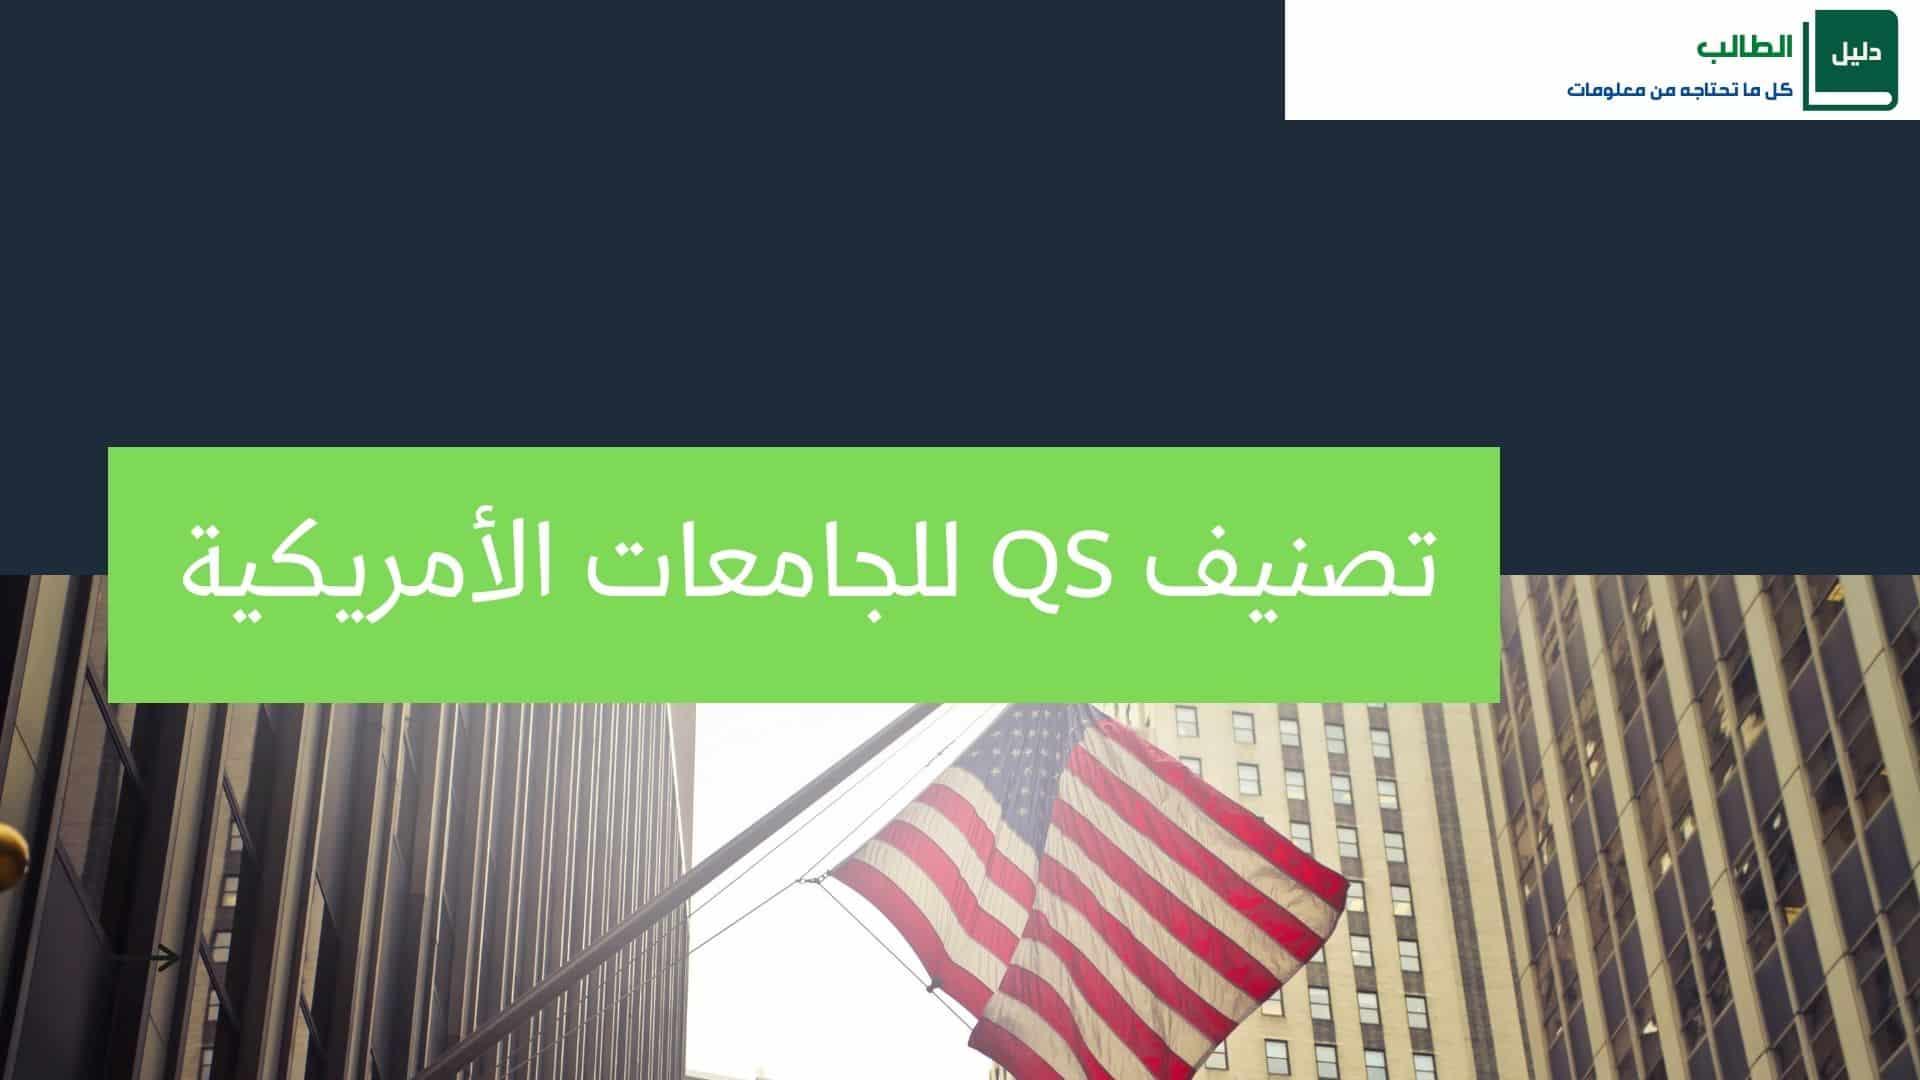 تصنيف QS للجامعات الأمريكية